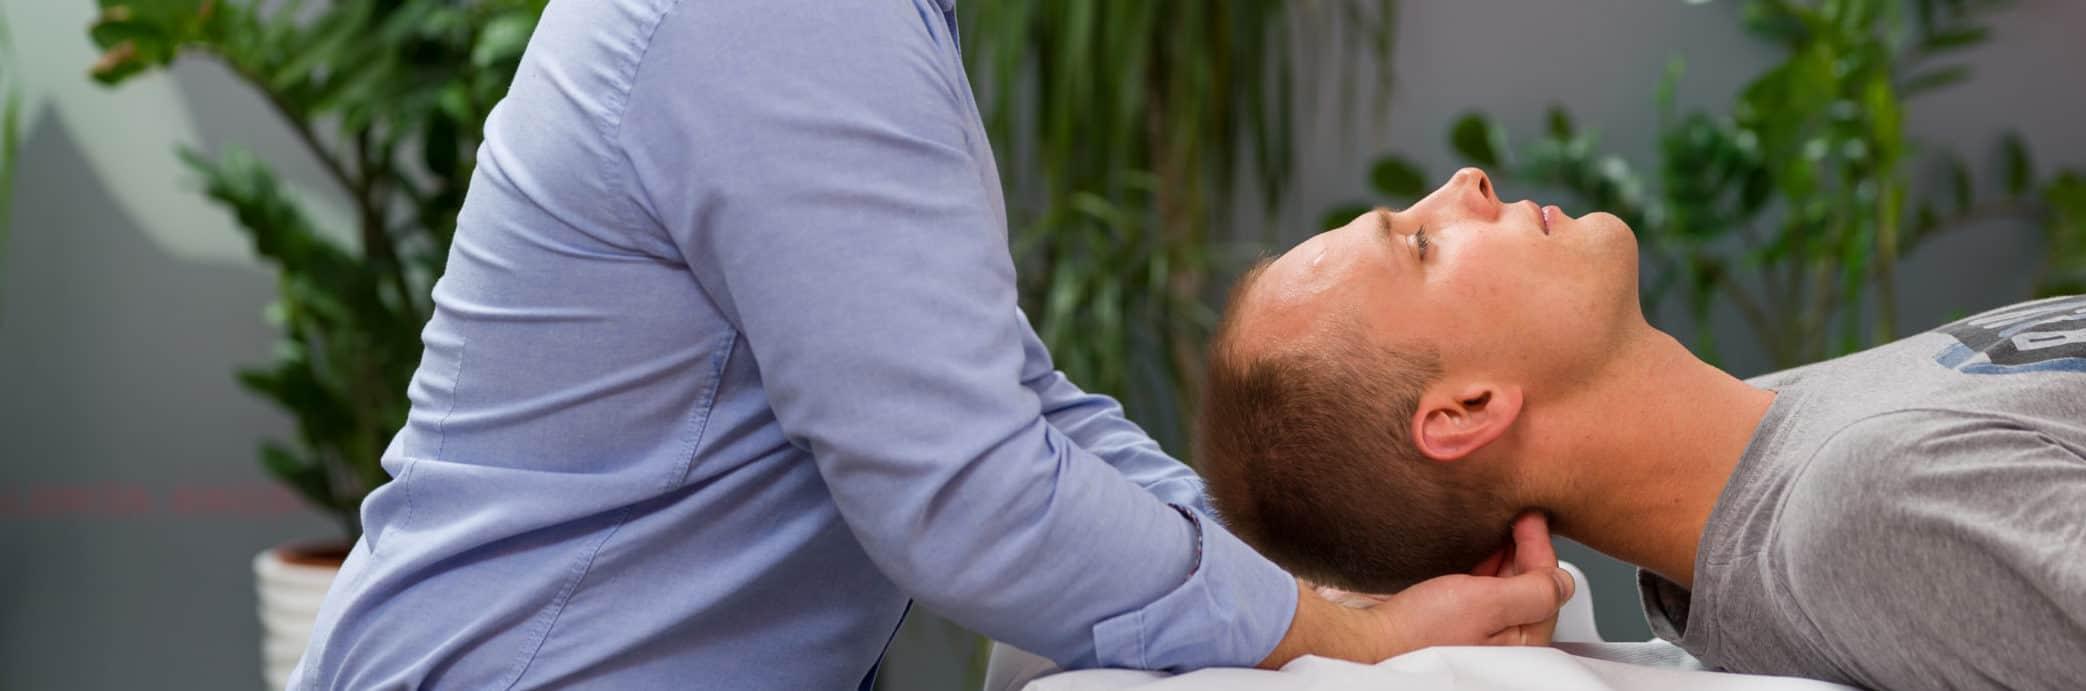 Zmęczenie -terapia